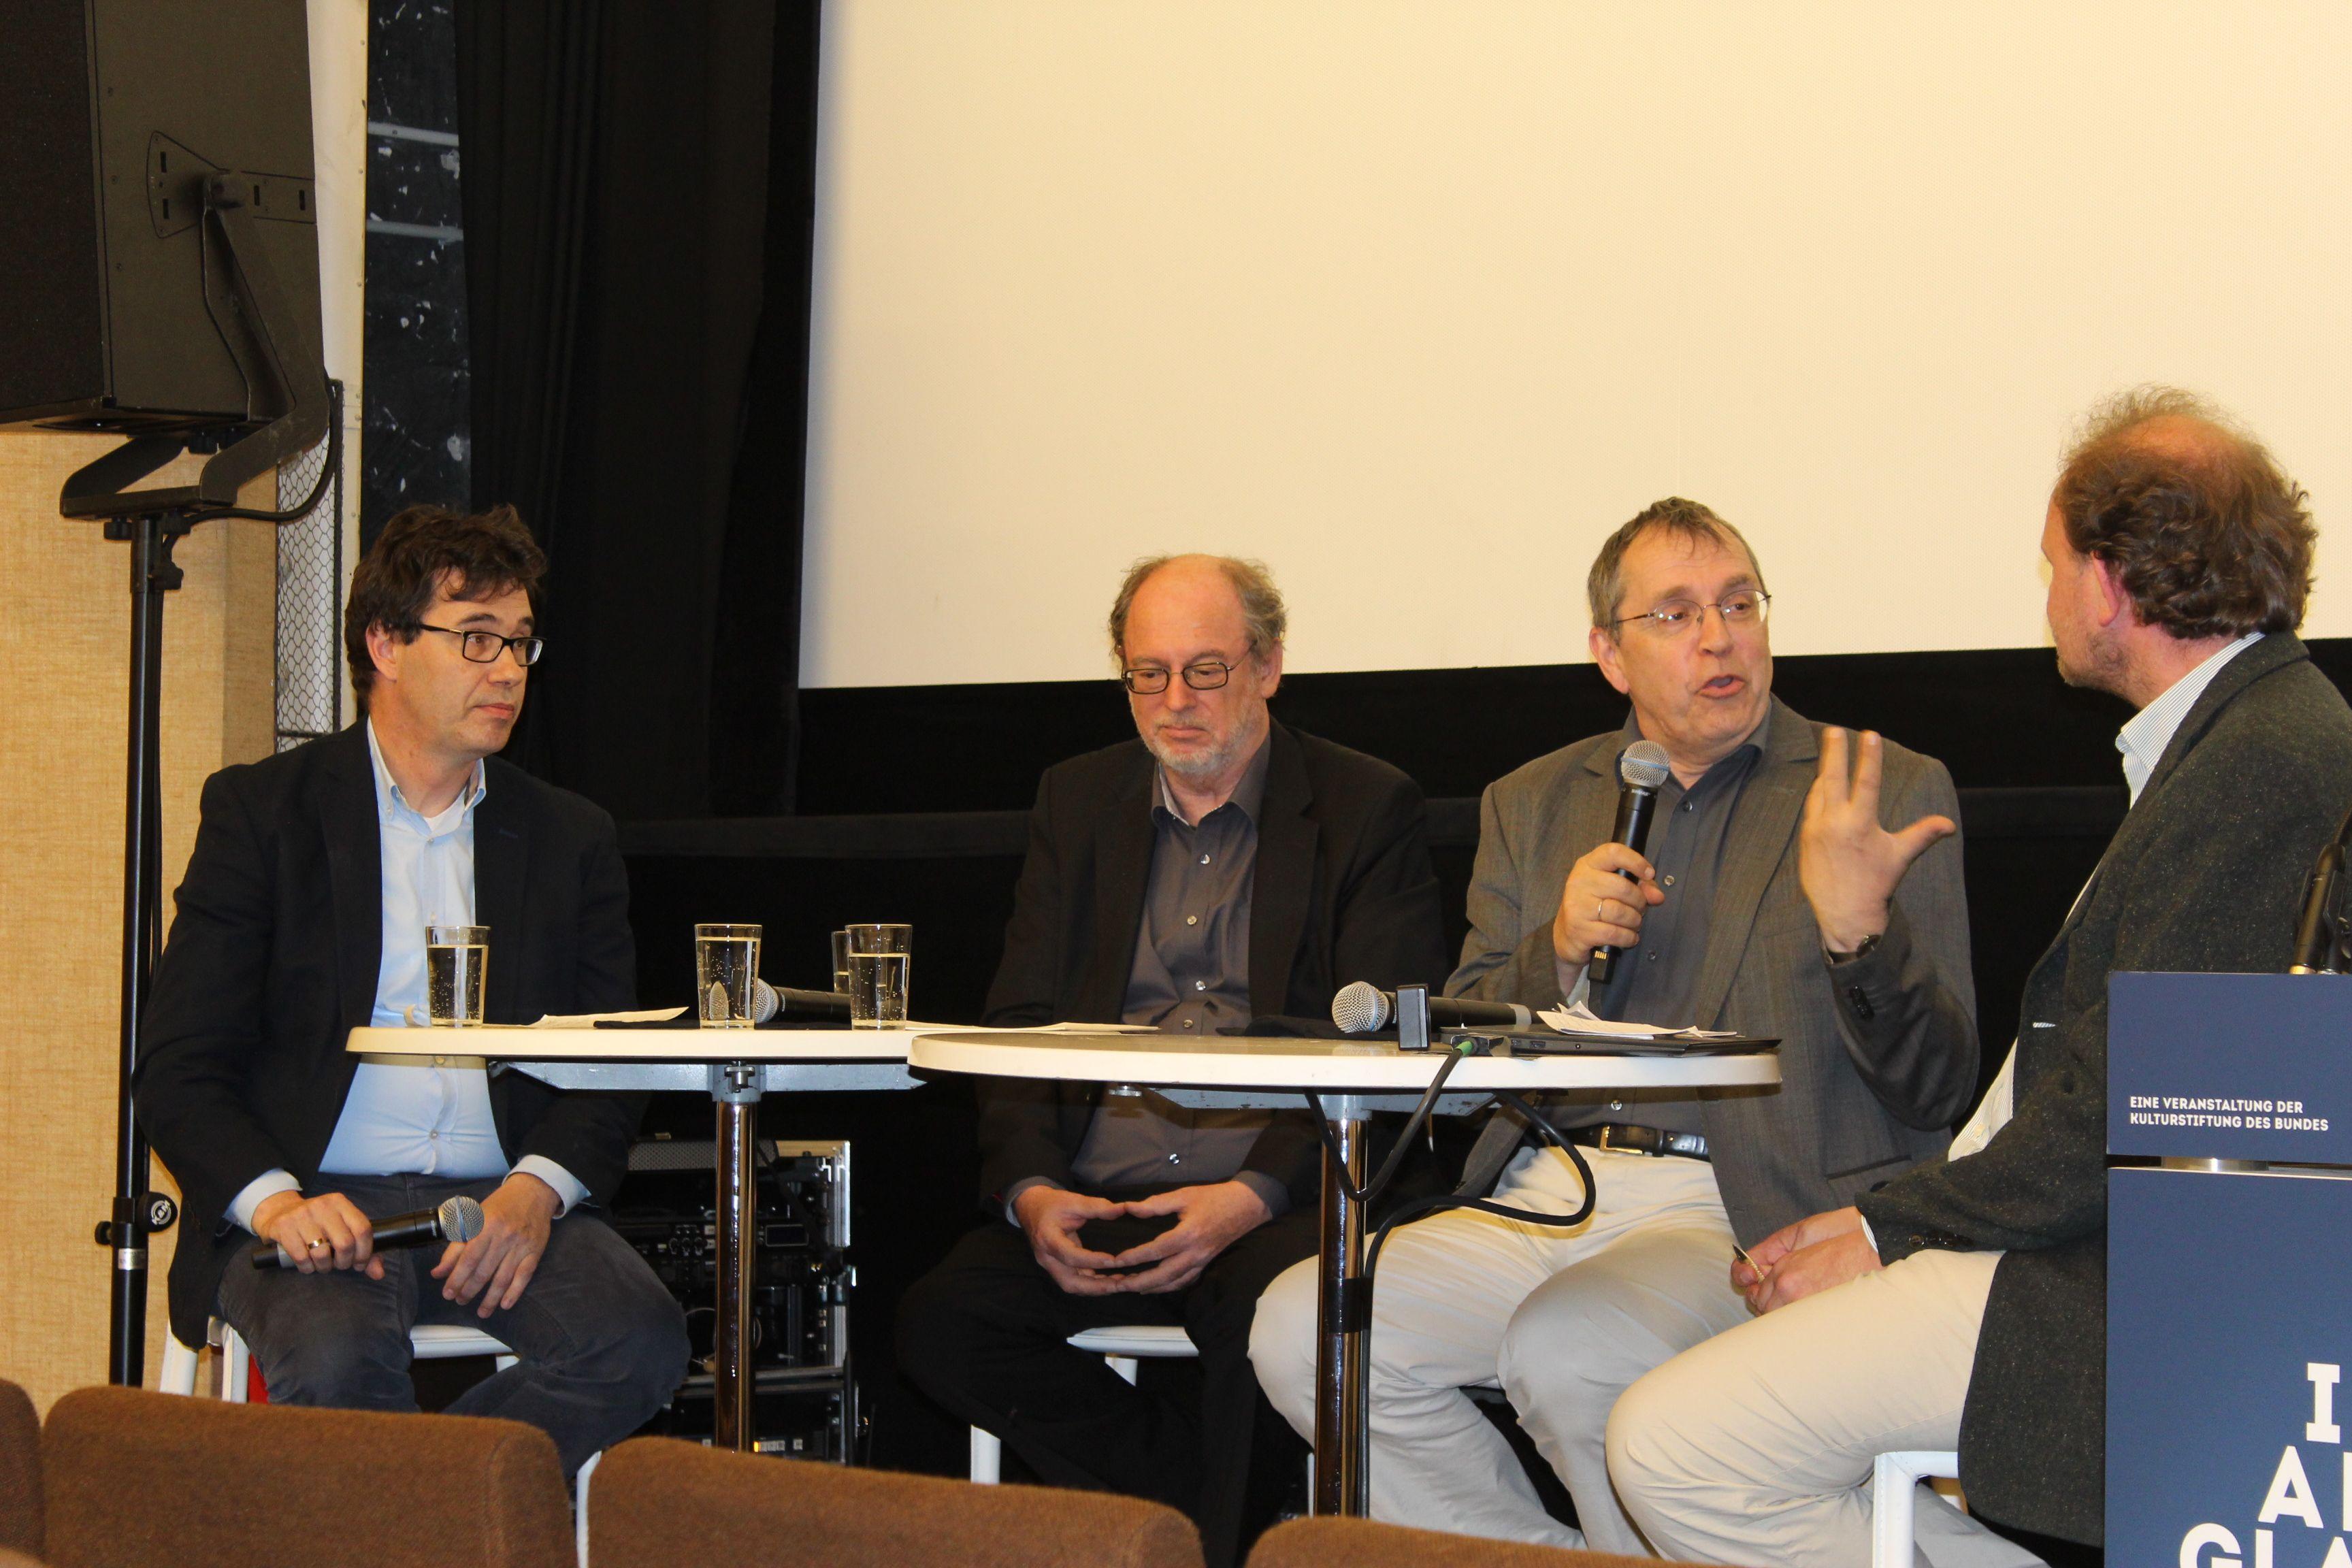 Moderator Stephan Schaede, Birger P. Priddat, Thomas Macho, Klaus von Stosch (v.l.)